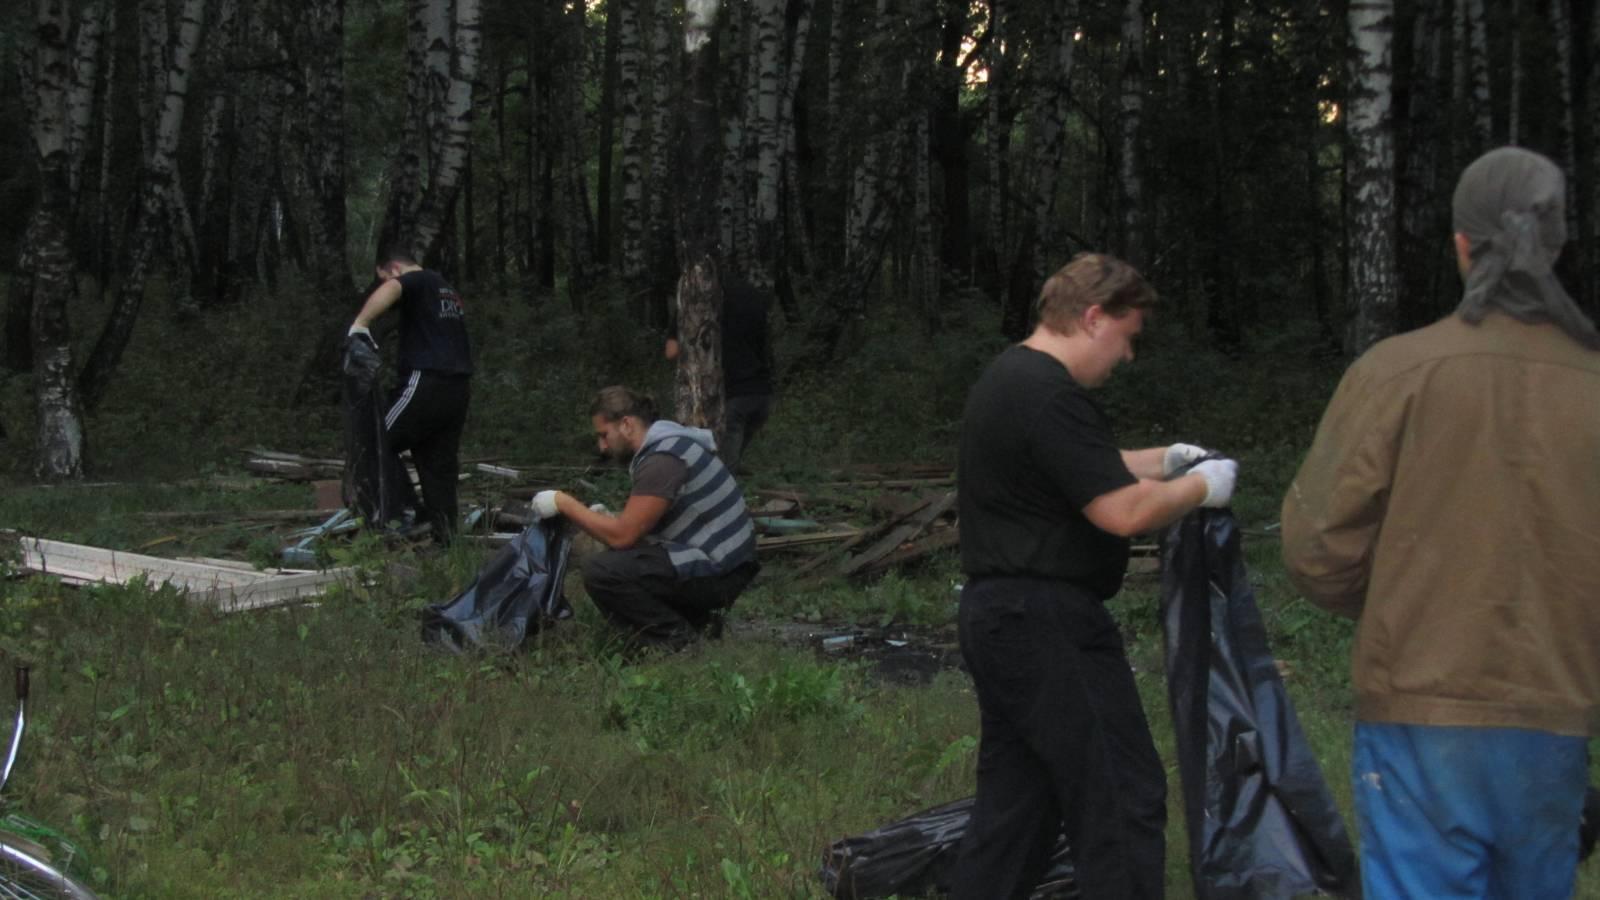 Связанная в лесу 6 фотография